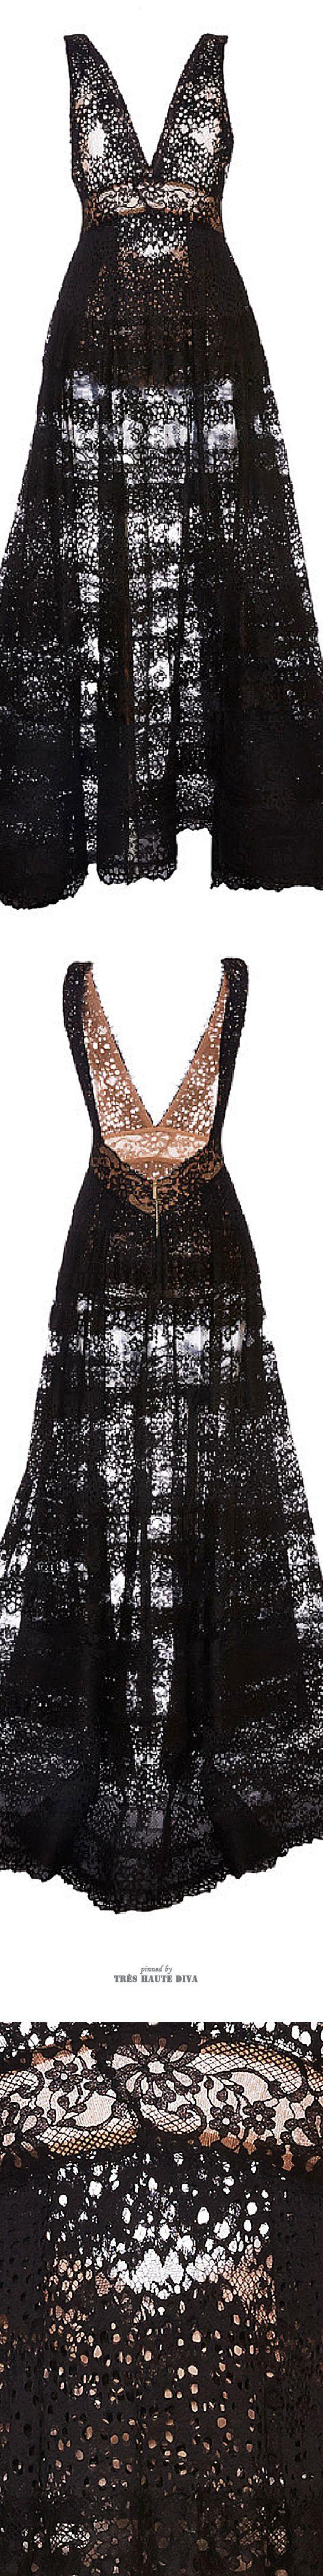 Ellie Saab Black Lace Deep V-Neck Gown ♔ SS 2015